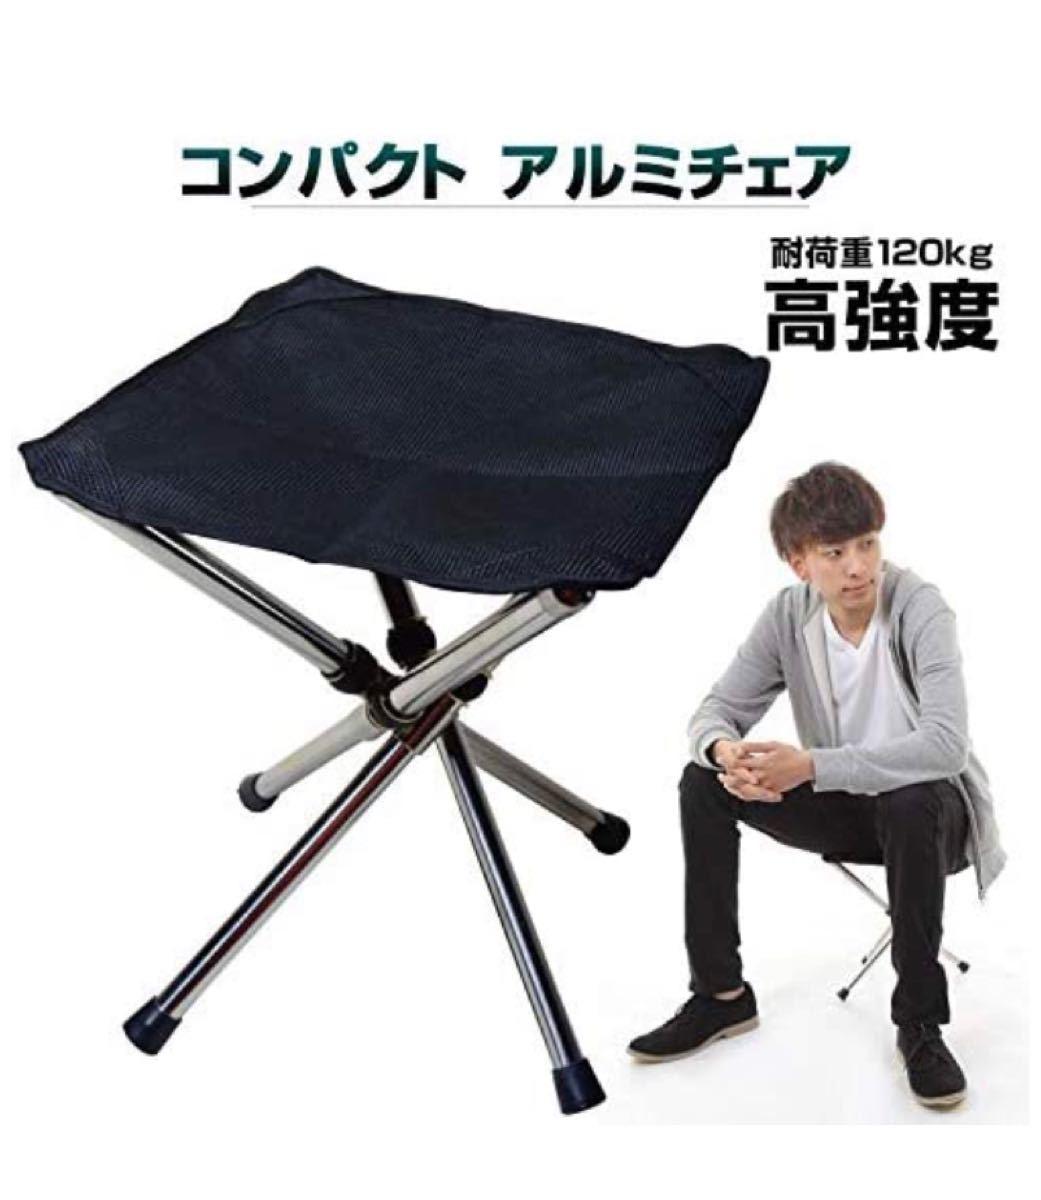 アウトドア チェア 椅子 折りたたみ コンパクトチェア 軽量 コンパクト 黒